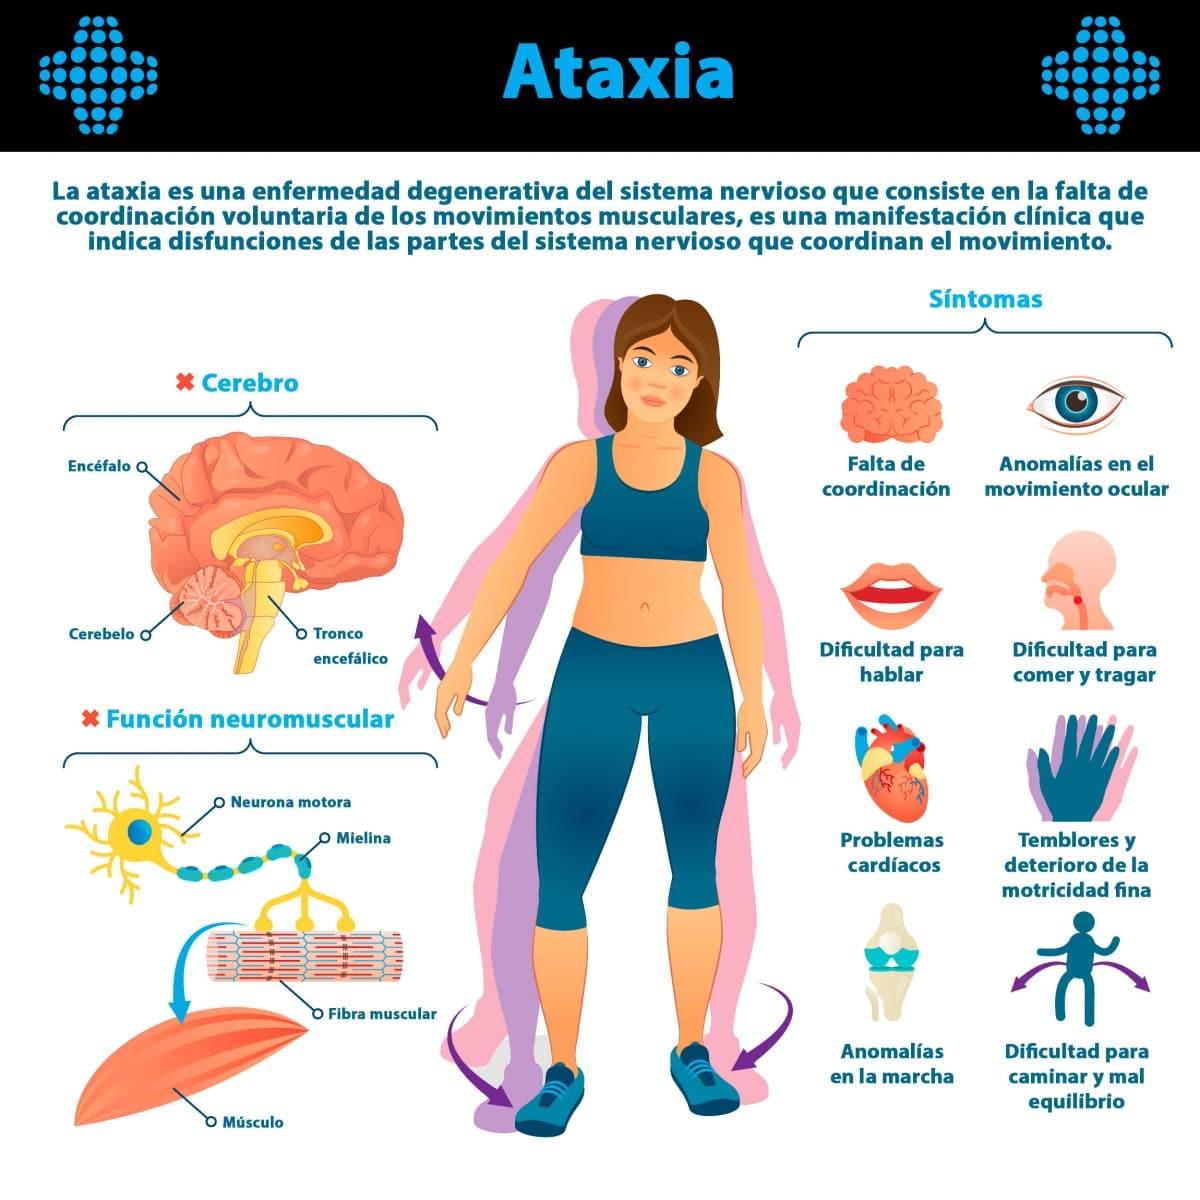 ¿Qué es la ataxia?